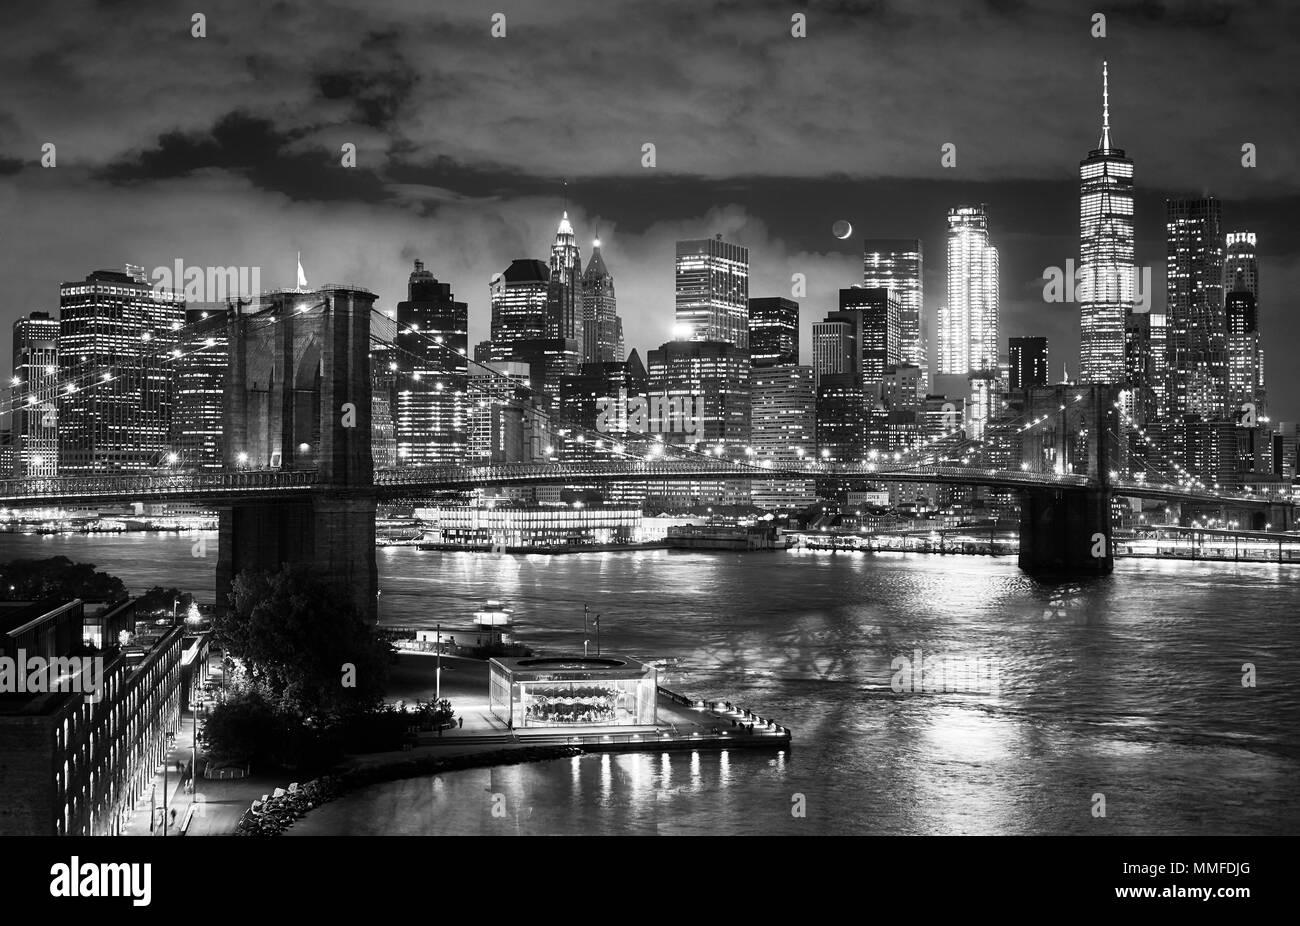 Schwarz-weiß Bild von der Brooklyn Bridge und Manhattan von Dumbo bei Nacht, New York City, USA. Stockbild